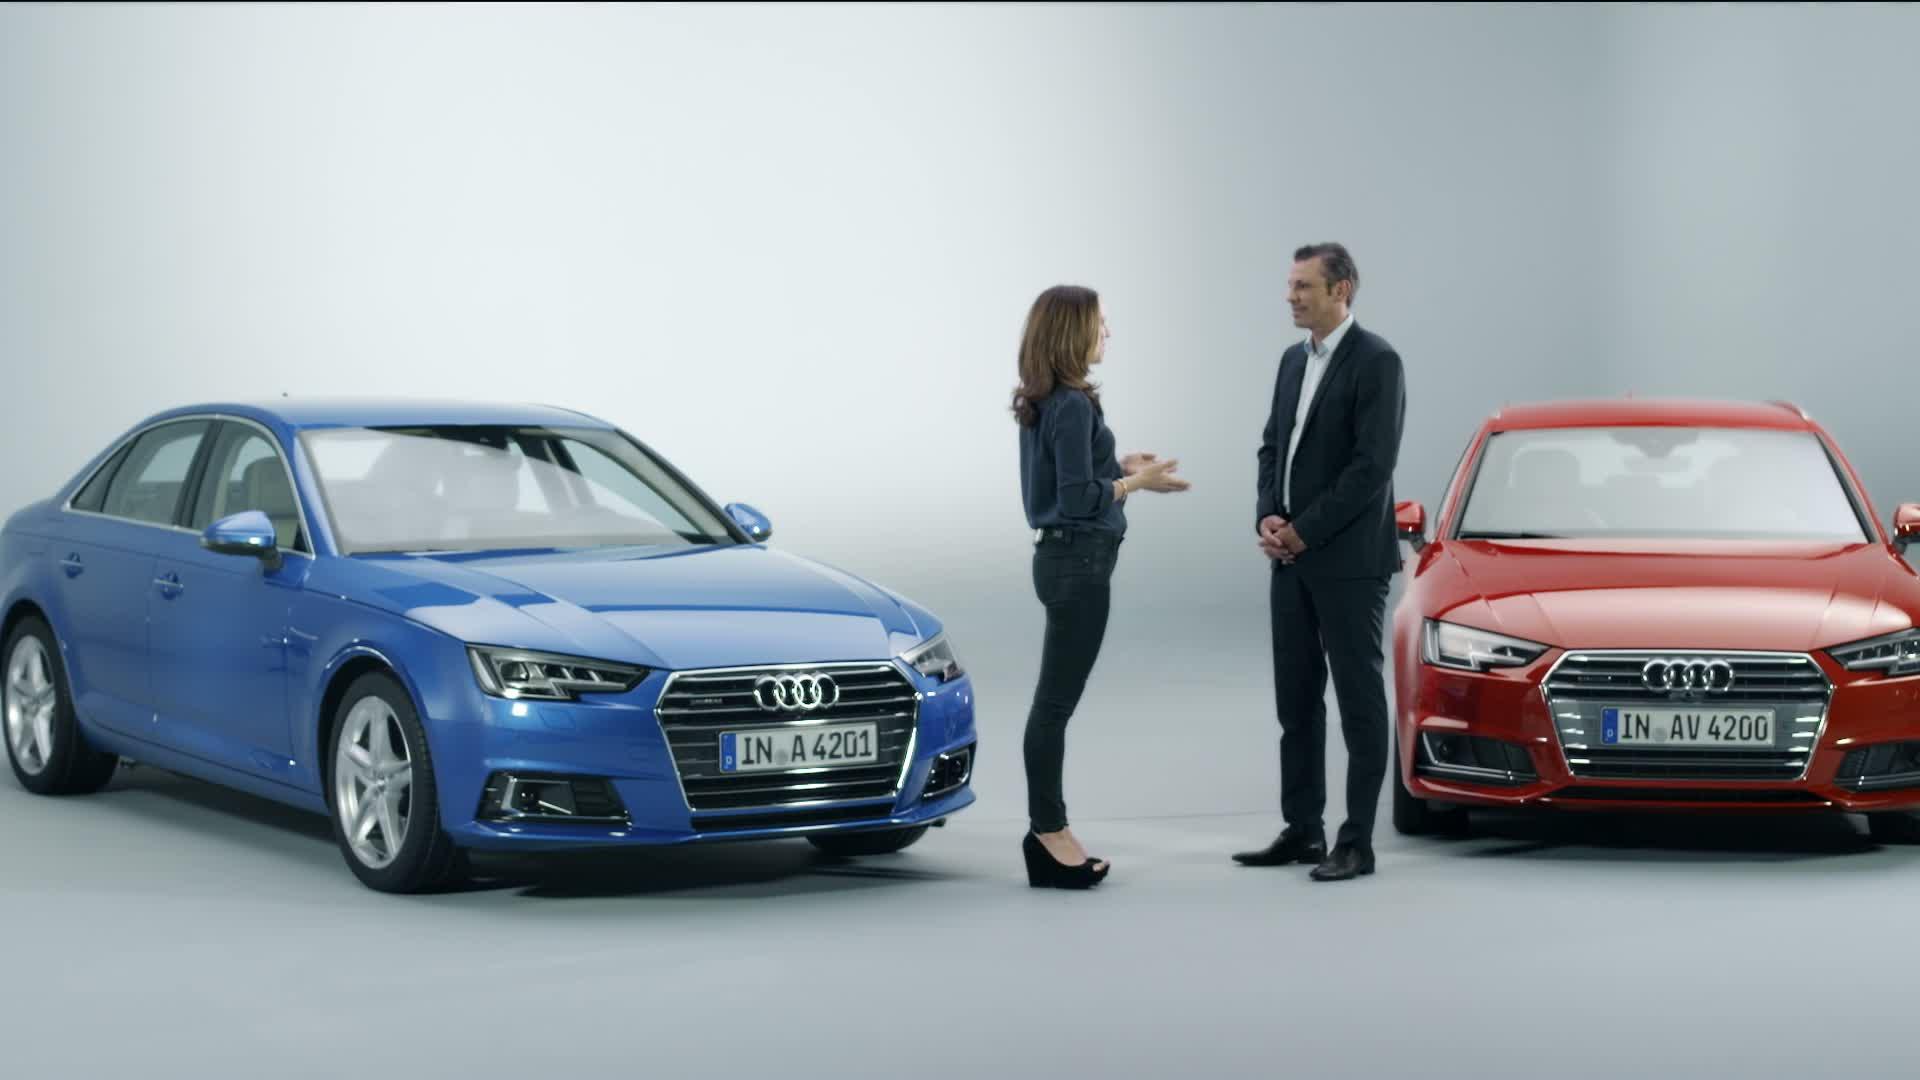 Die exklusive Weltpremiere des neuen Audi A4